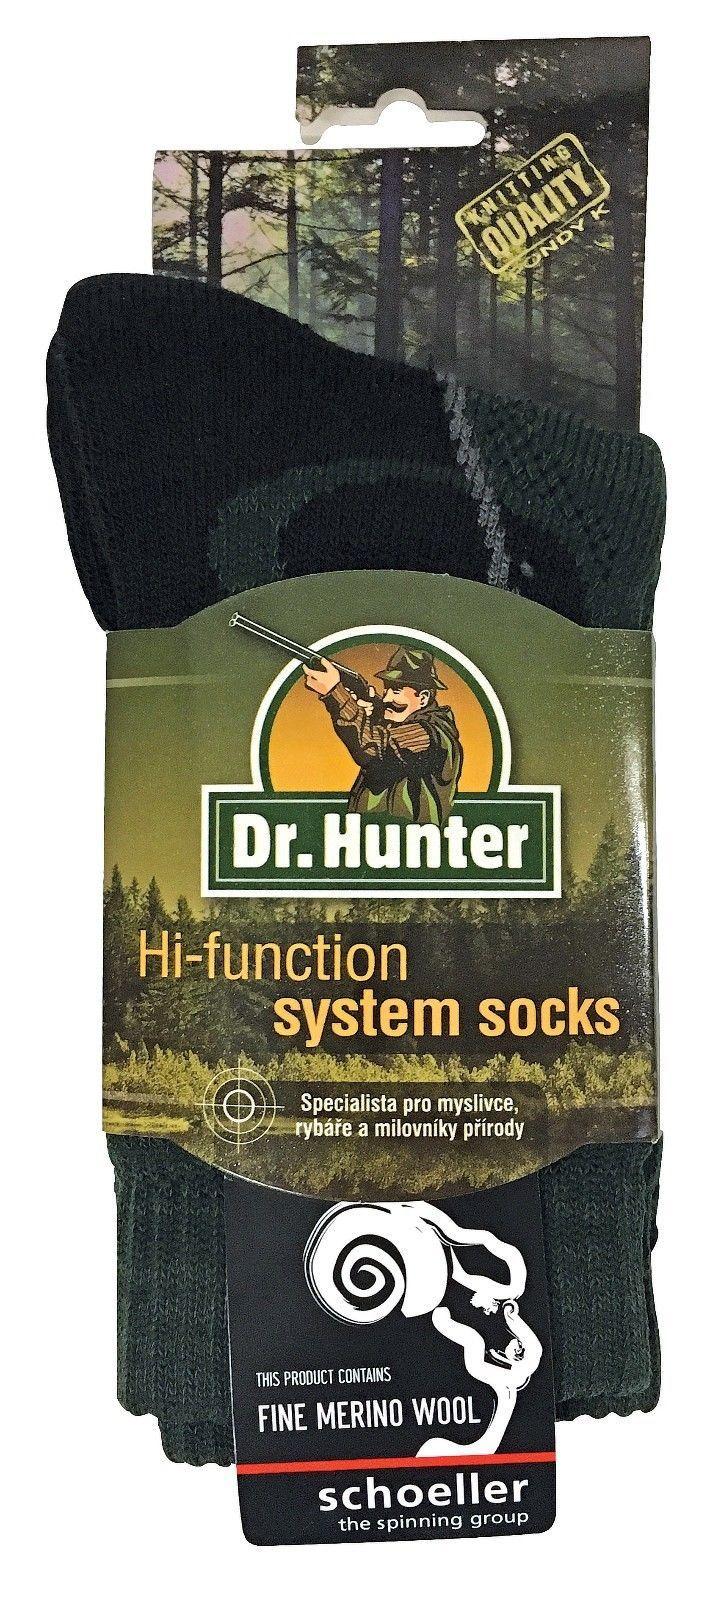 Dr Hunter - Herren merino wolle grün kurz socken mit verstärkter ferse